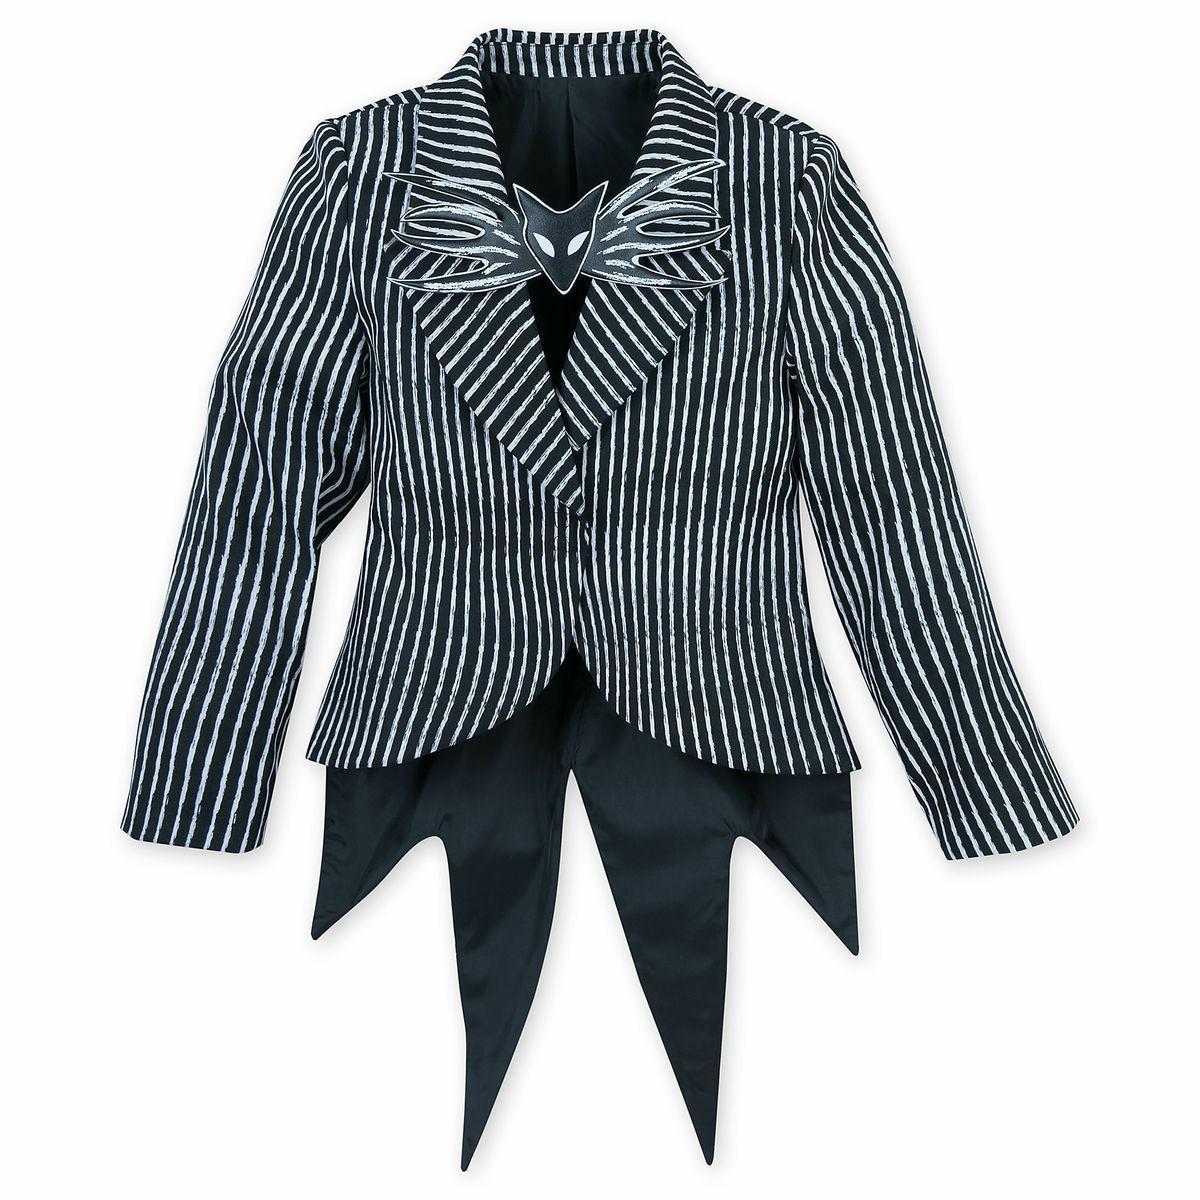 new child Jack Skellington Costume Jacket for Kids size 7/8